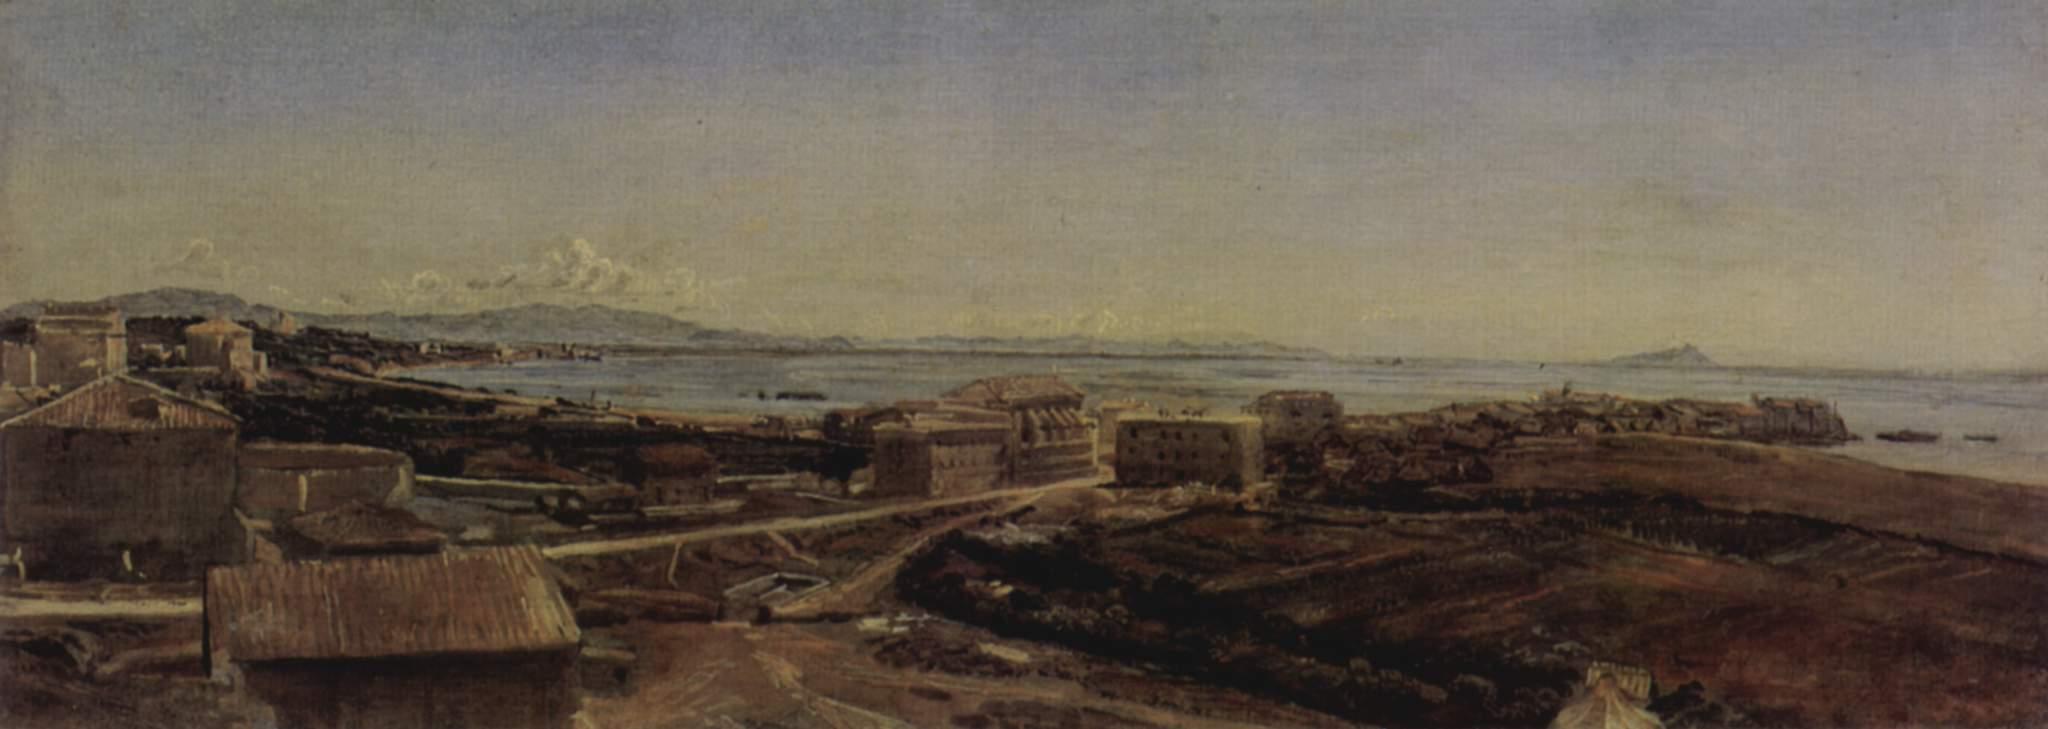 Torre del Greco near Pompea and Naples, 1846